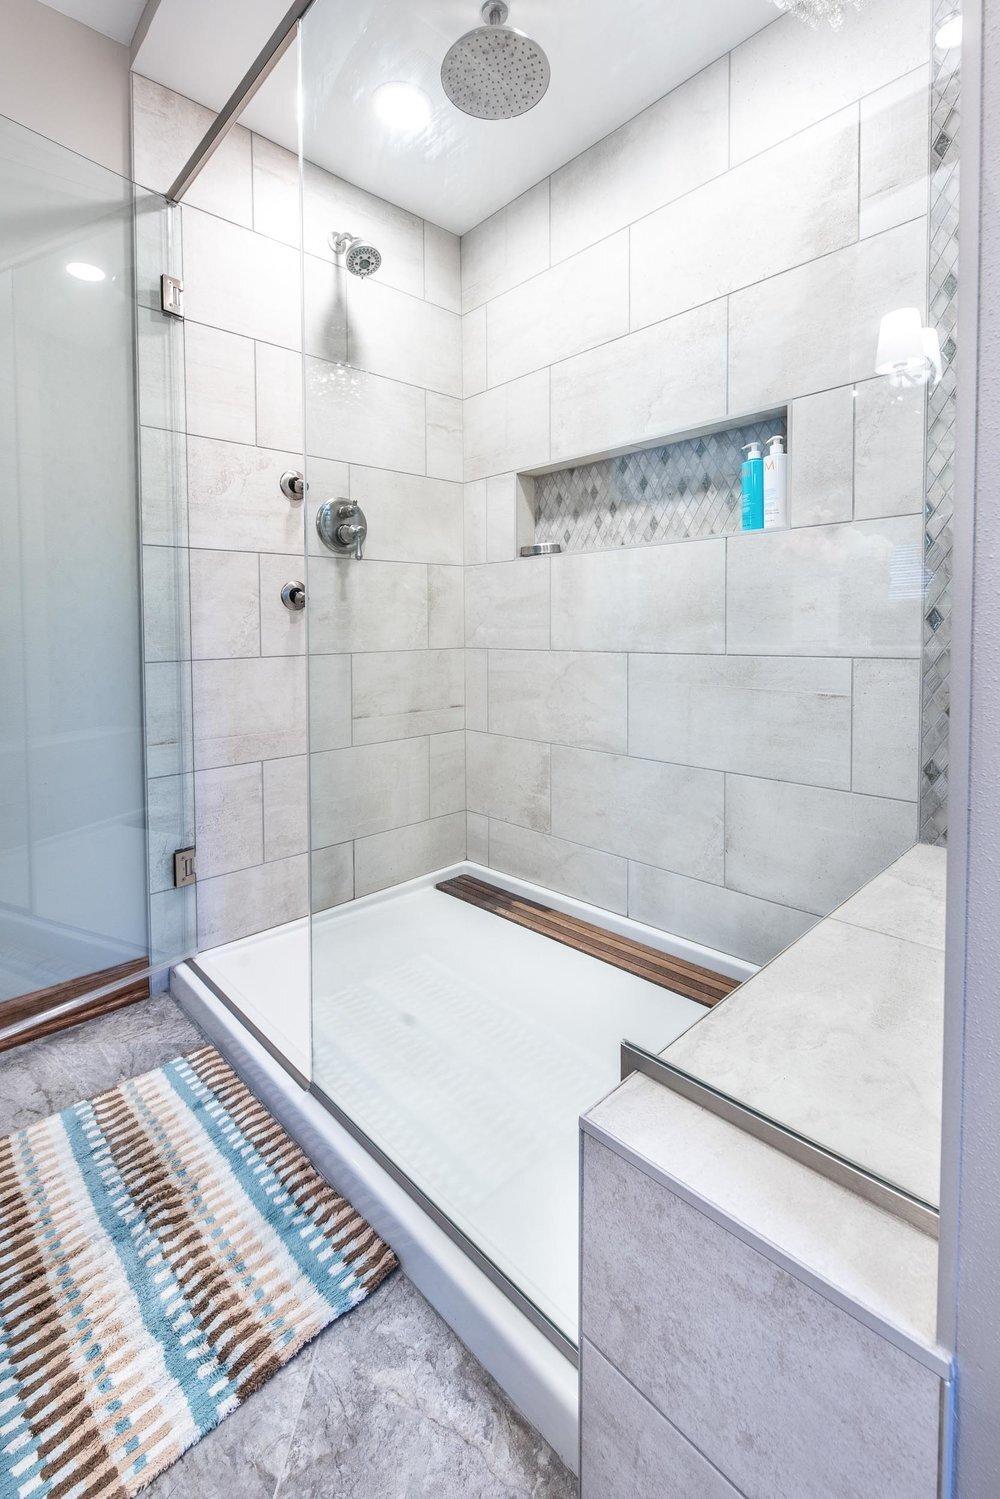 fiberglass prefab shower stalls vs